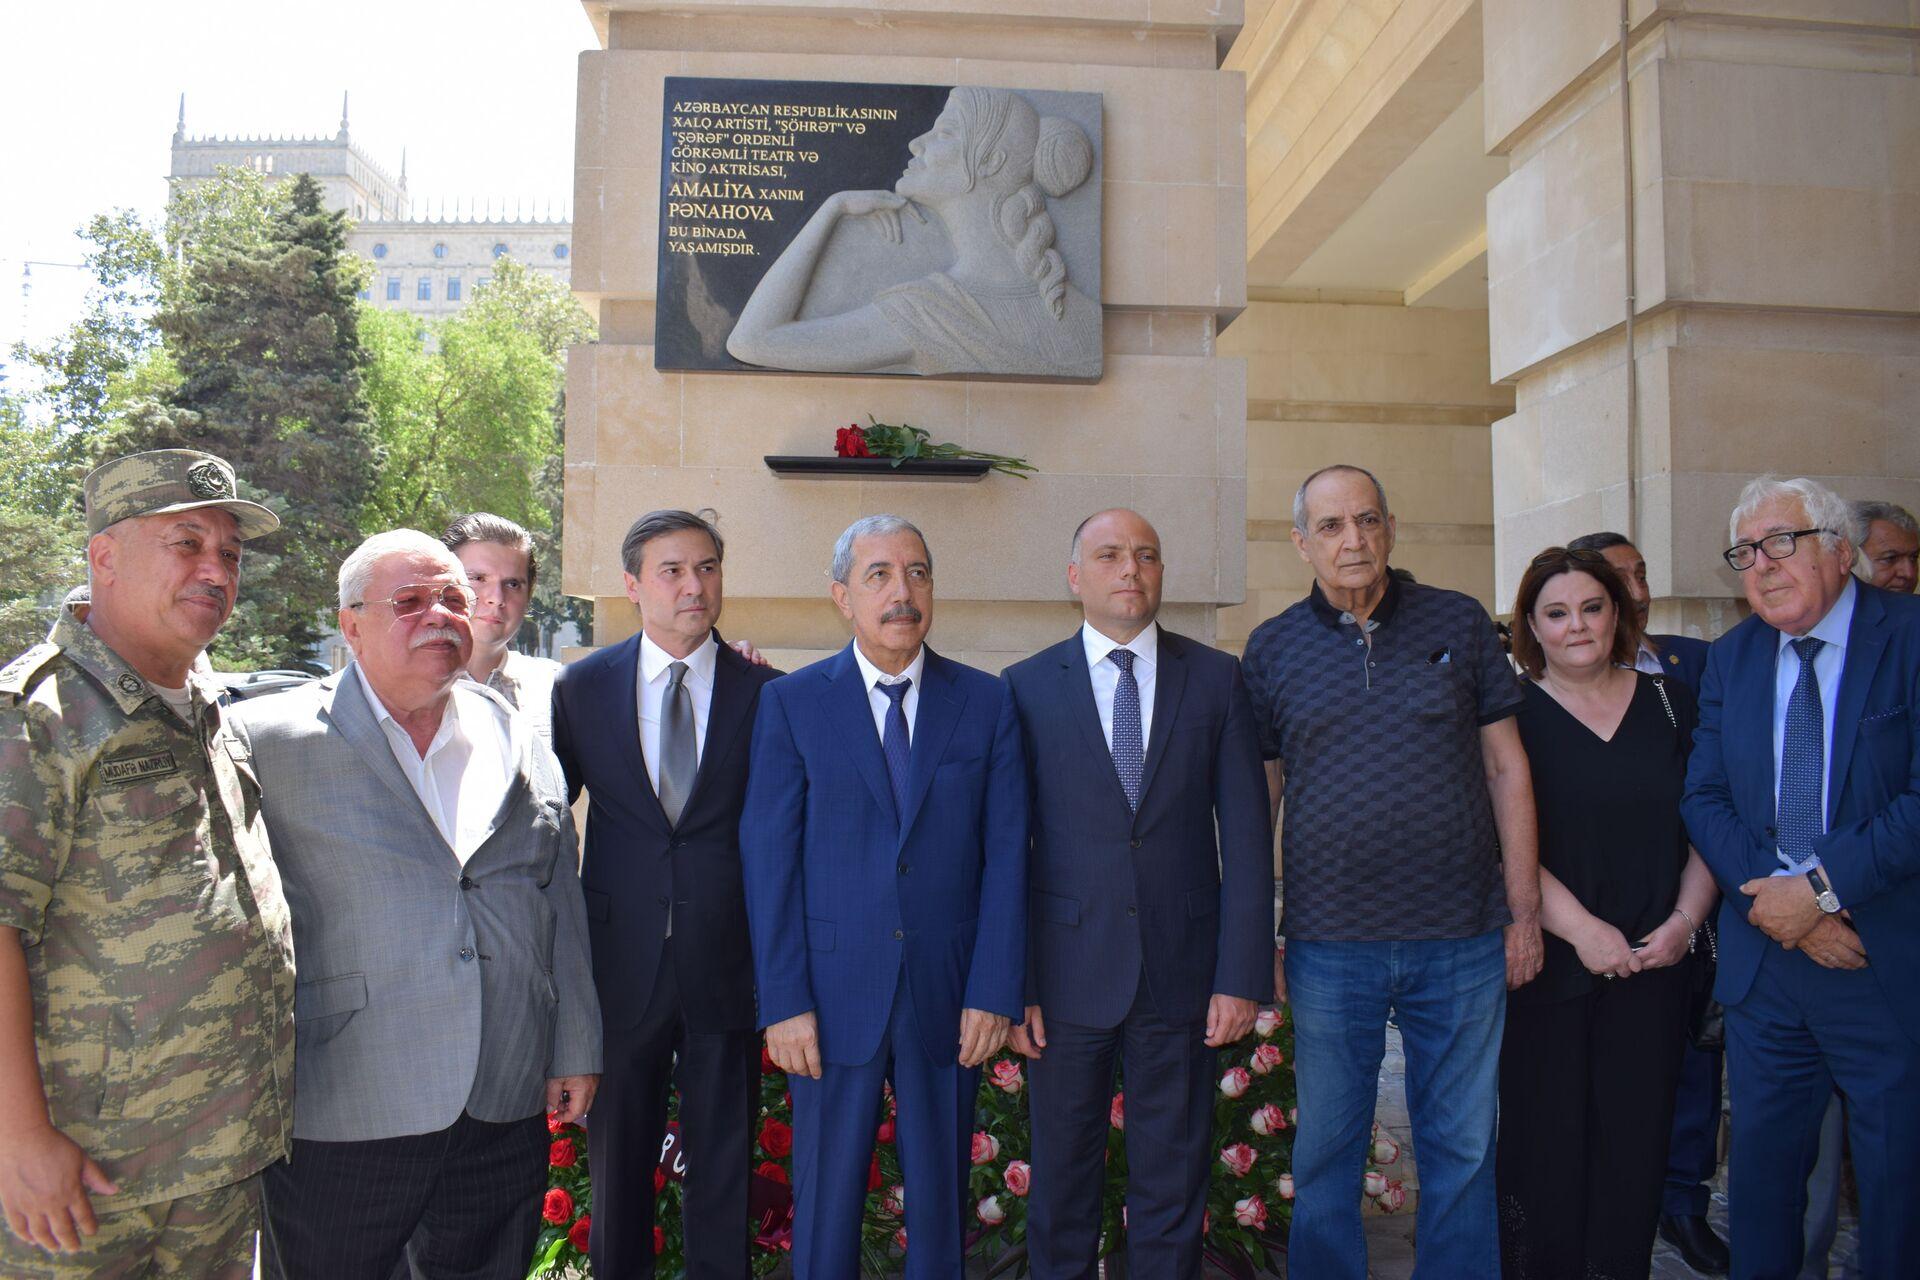 Церемония открытие ее барельефа народной артистки Амалии Панаховой - Sputnik Азербайджан, 1920, 28.09.2021